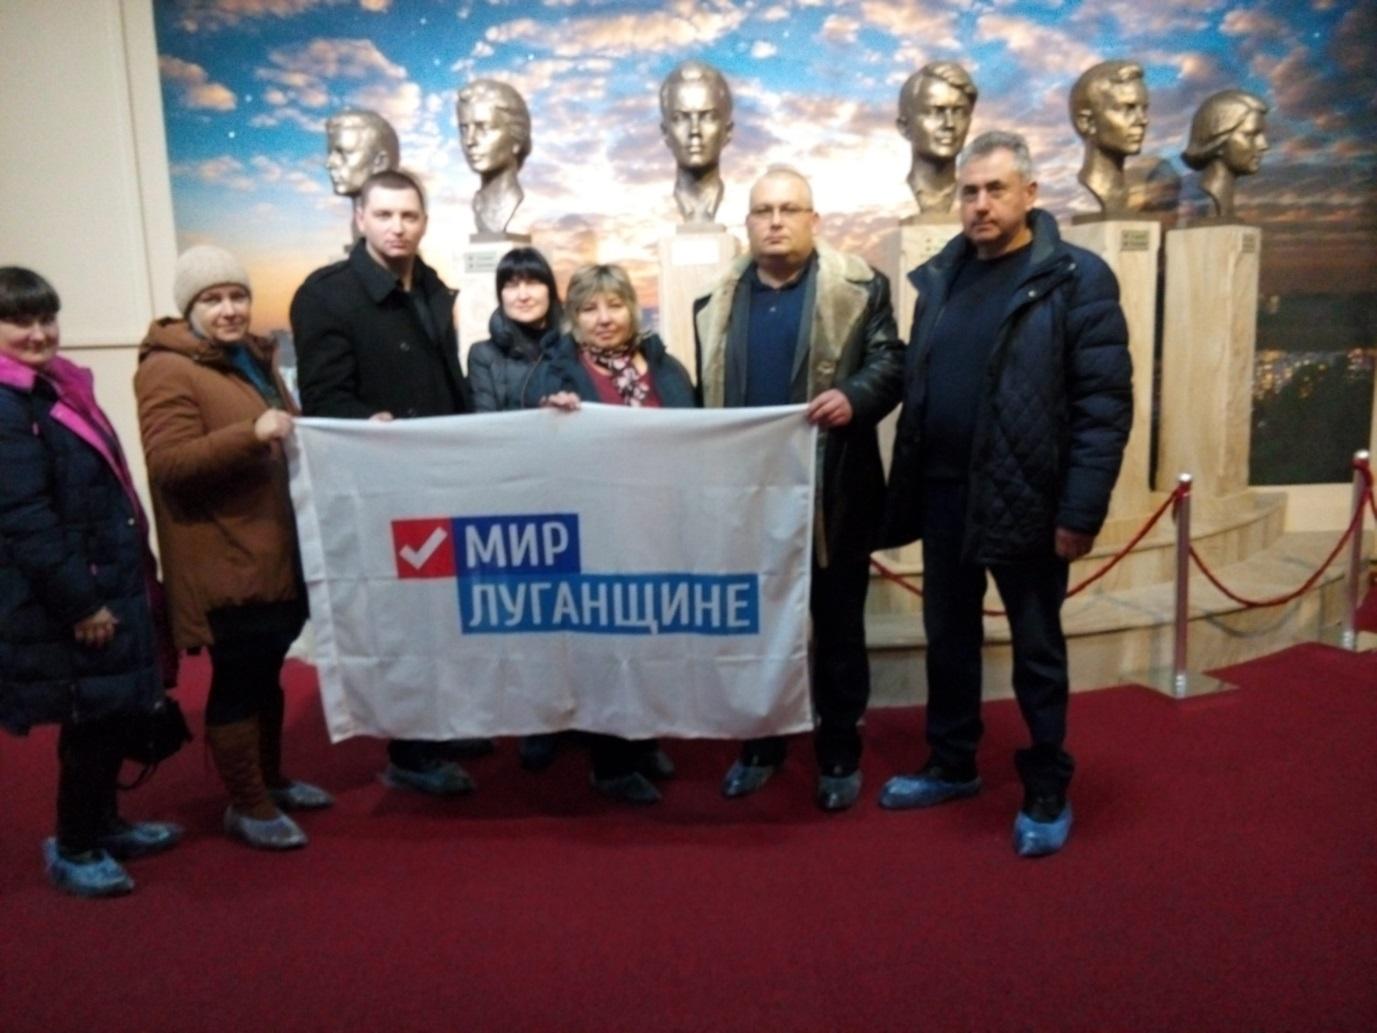 Первичное отделение № 49 Краснодонского теротделения ОД «Мир Луганщине» посетили музей «Молодая Гвардия» в Краснодоне 1